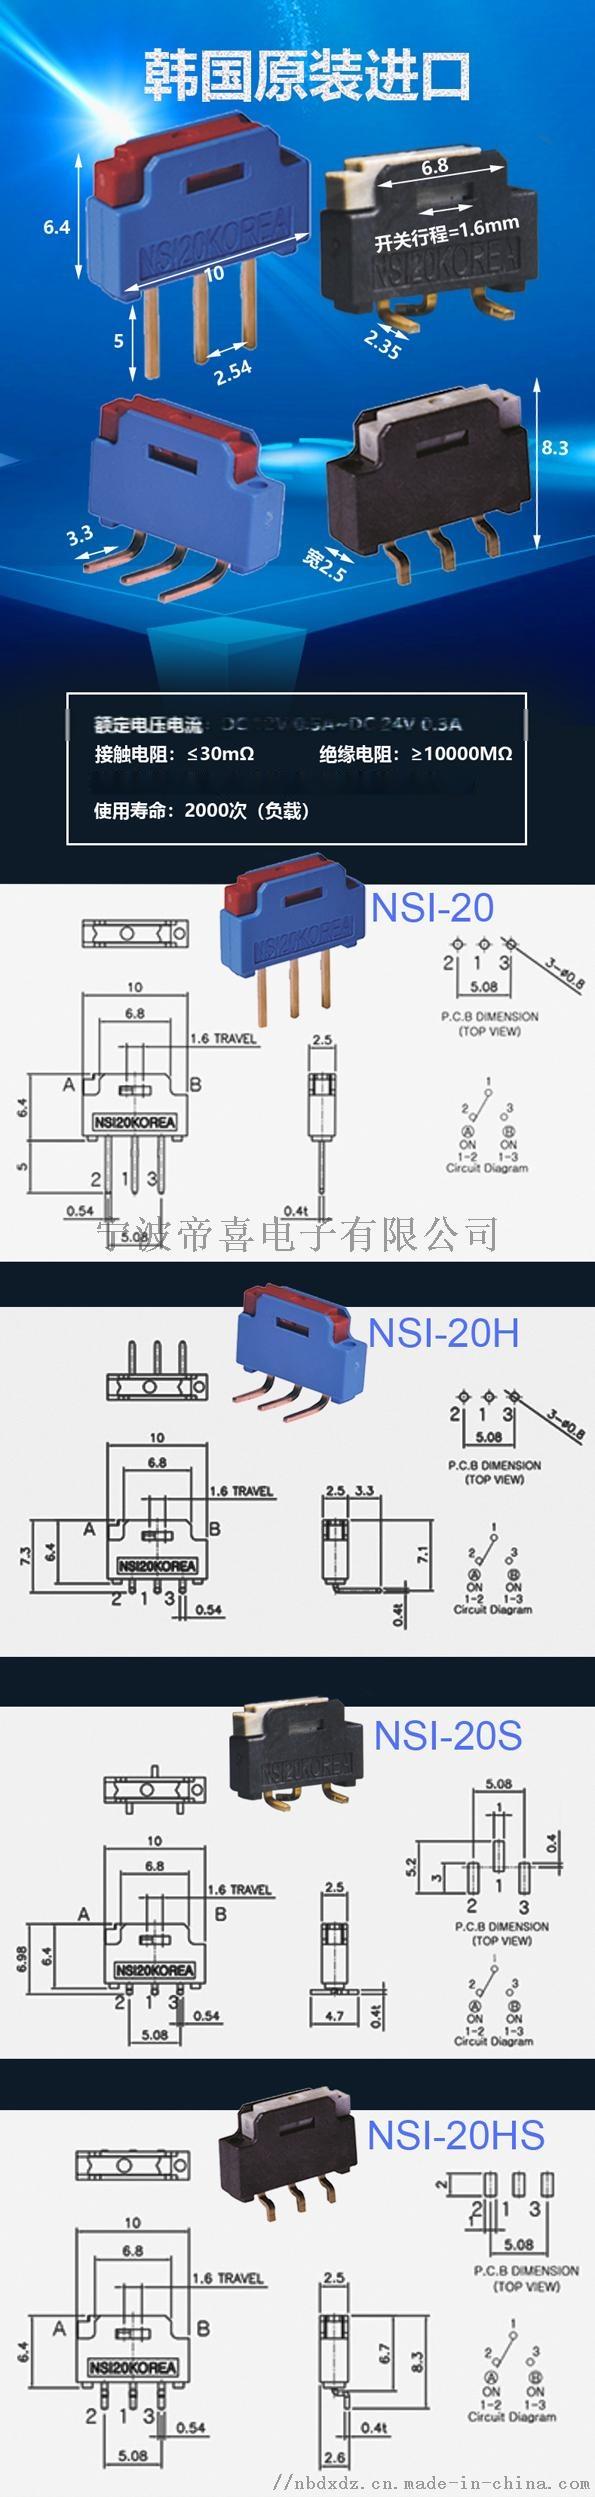 NSI-20详情页.jpg